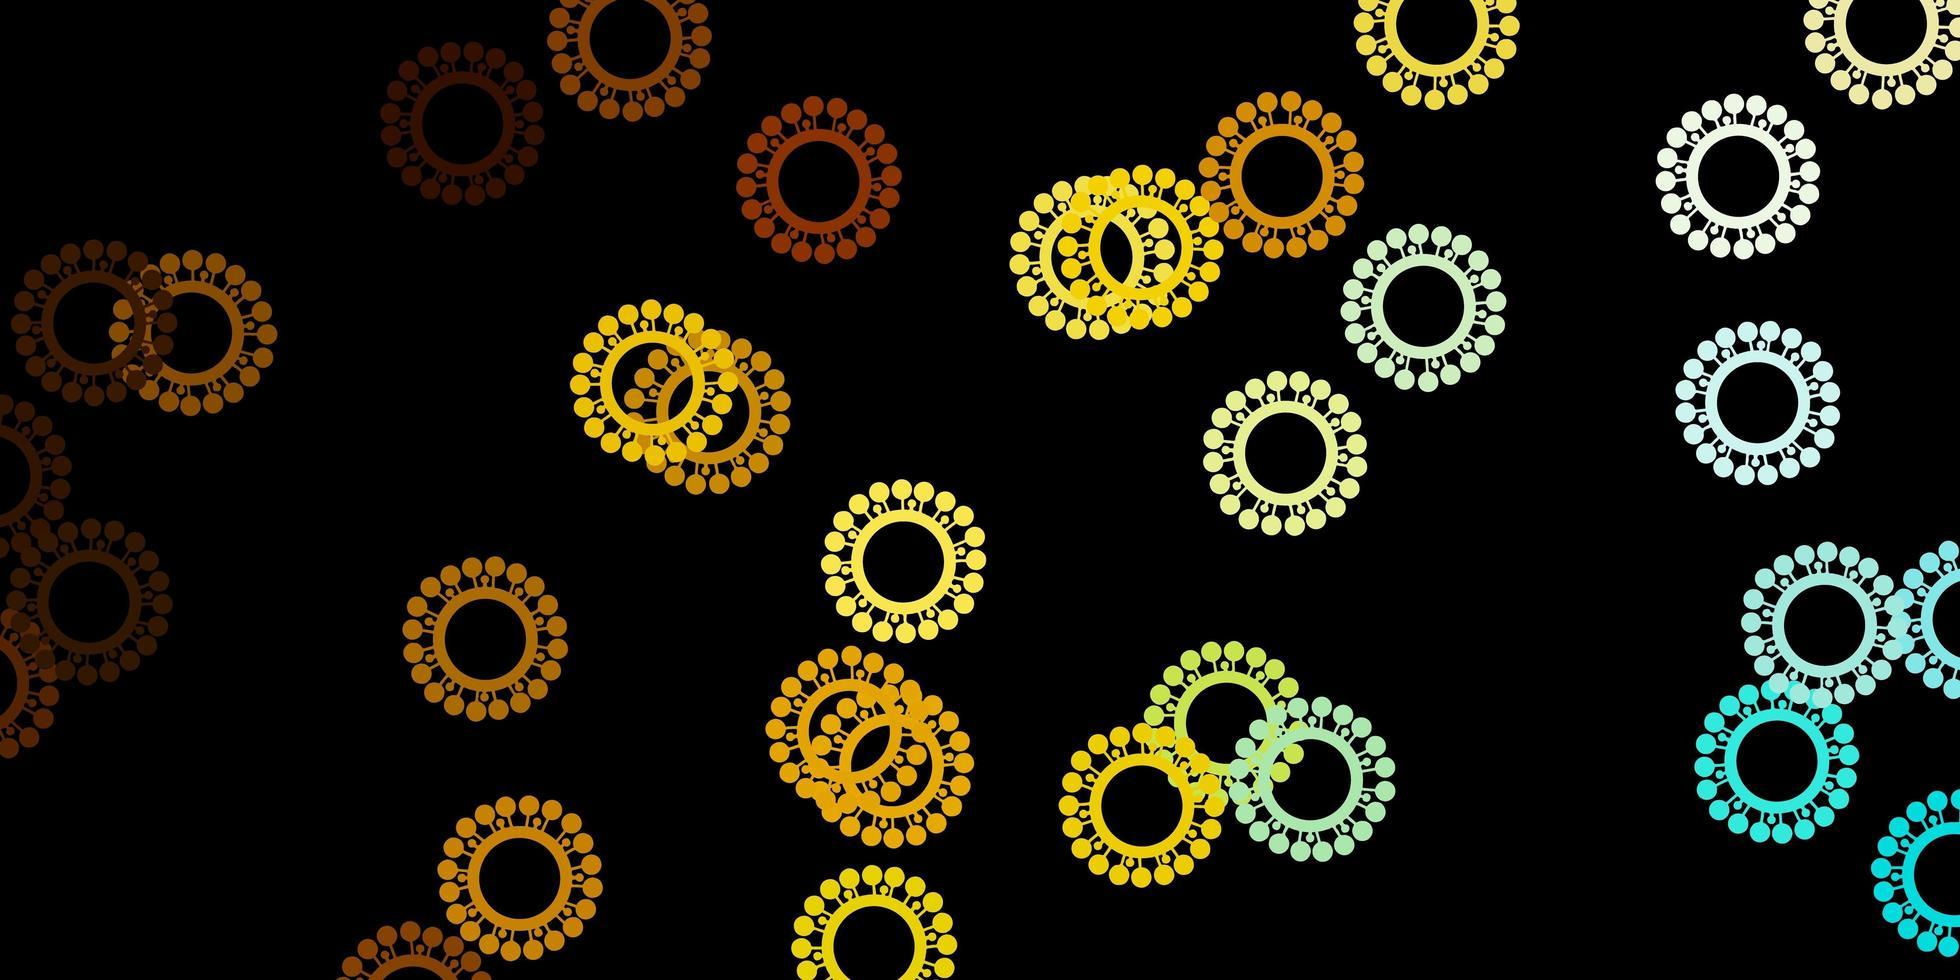 donkerblauwe, gele vectorachtergrond met covid-19 symbolen. vector